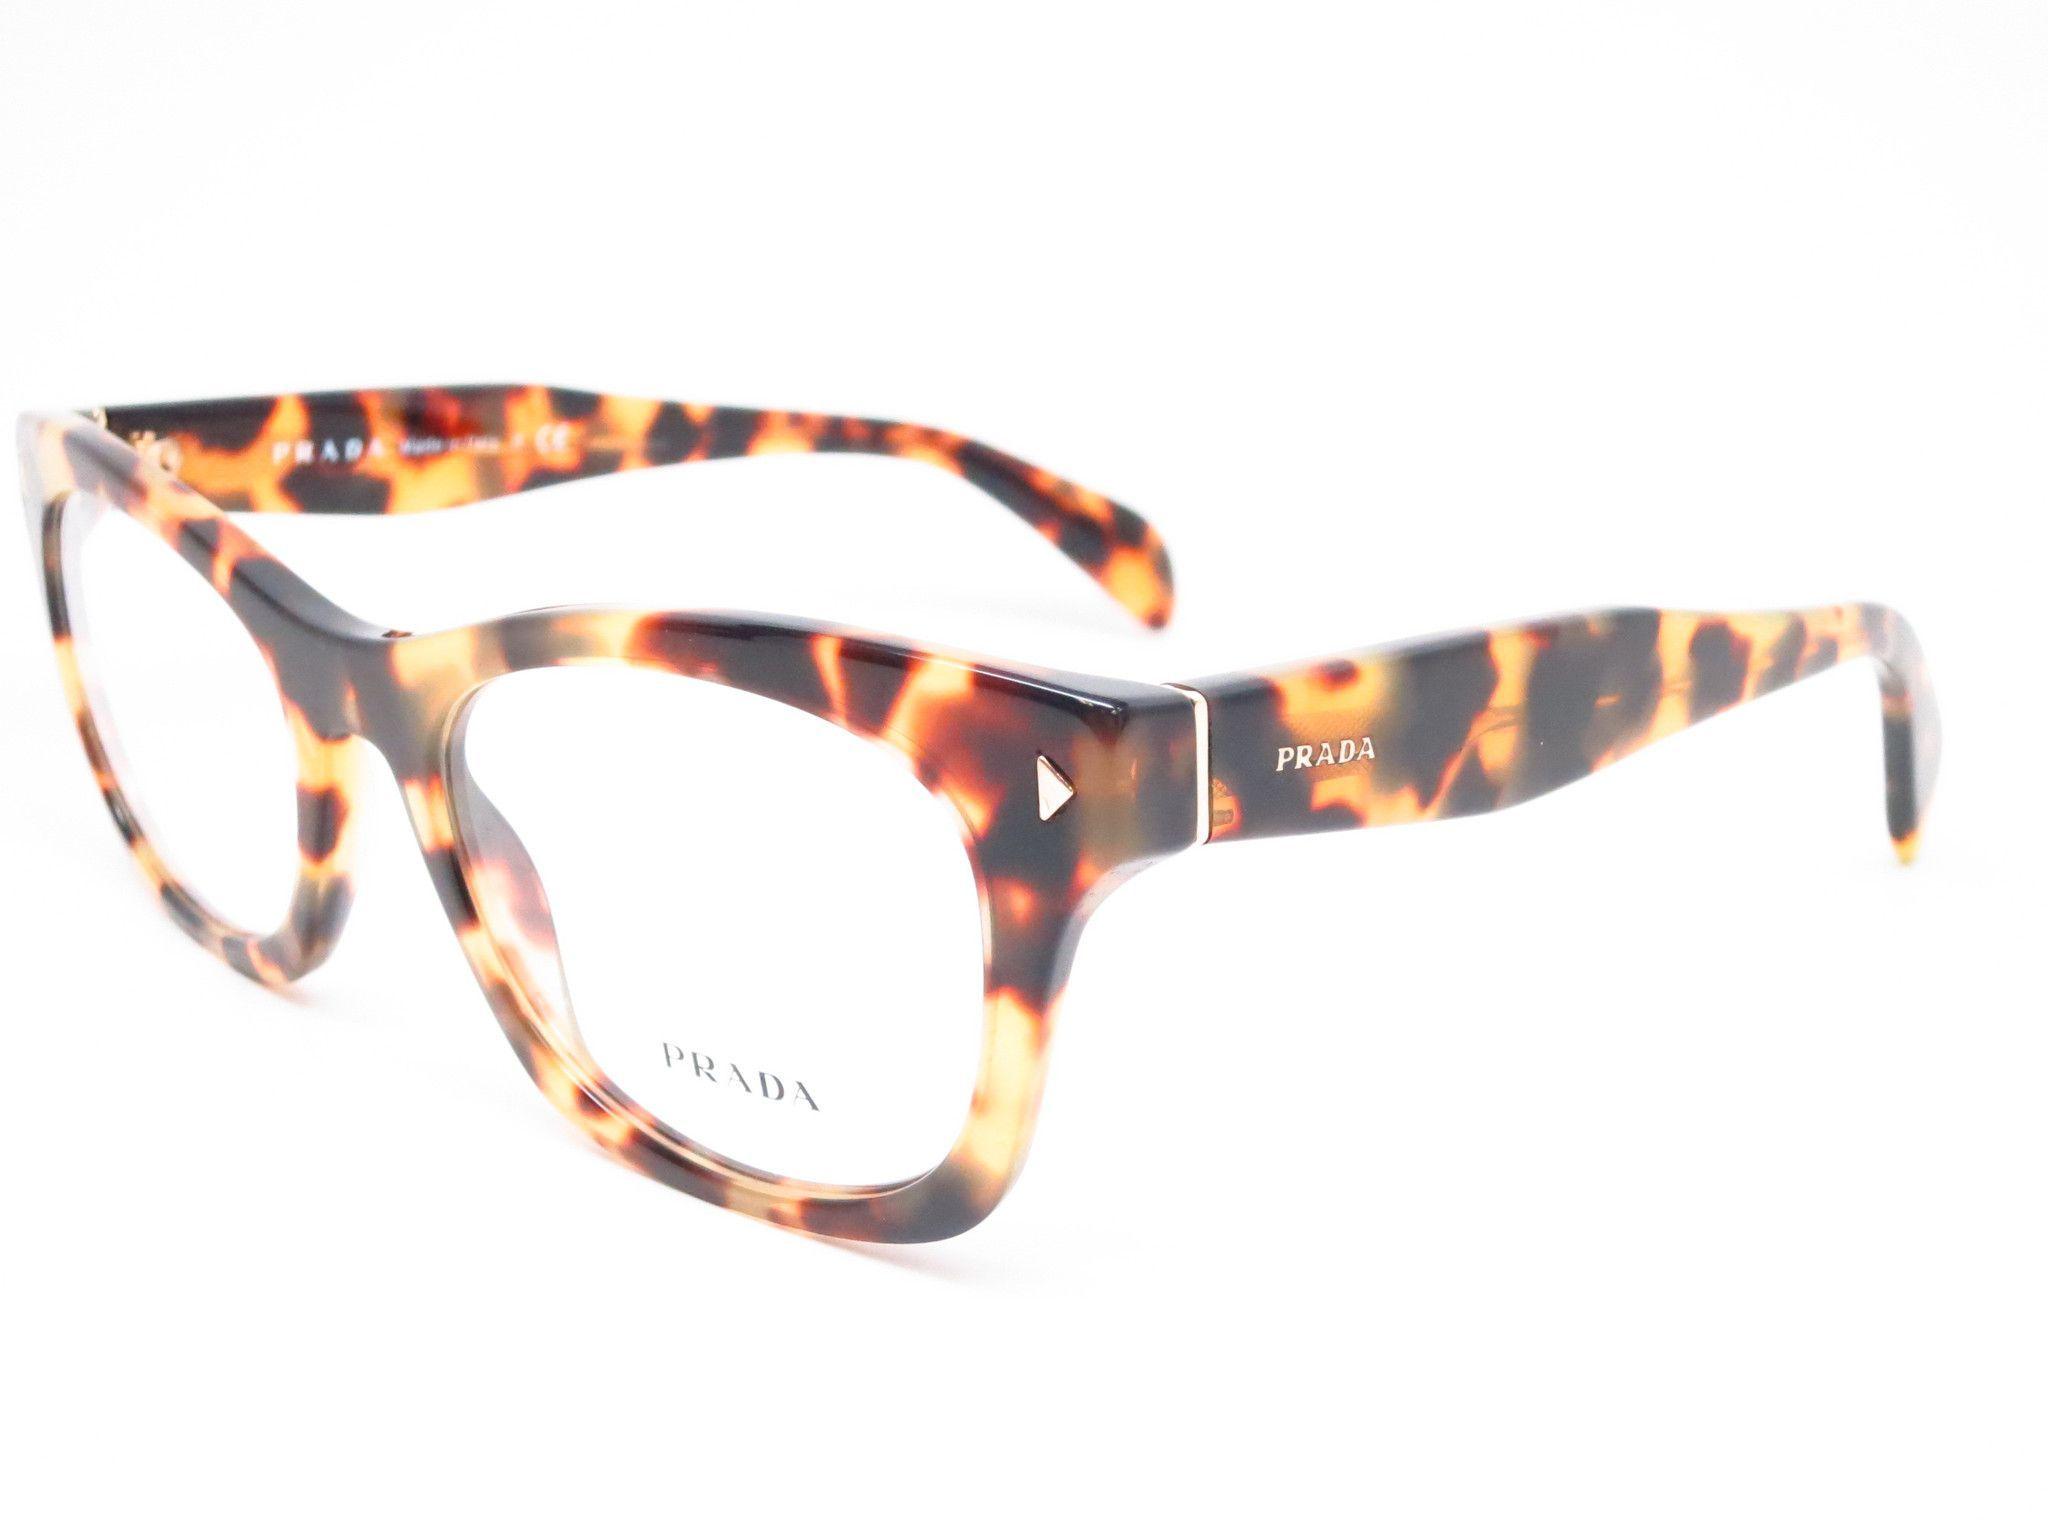 8e9daf9140a6 Prada VPR 11S 7S0-1O1 Medium Havana Eyeglasses